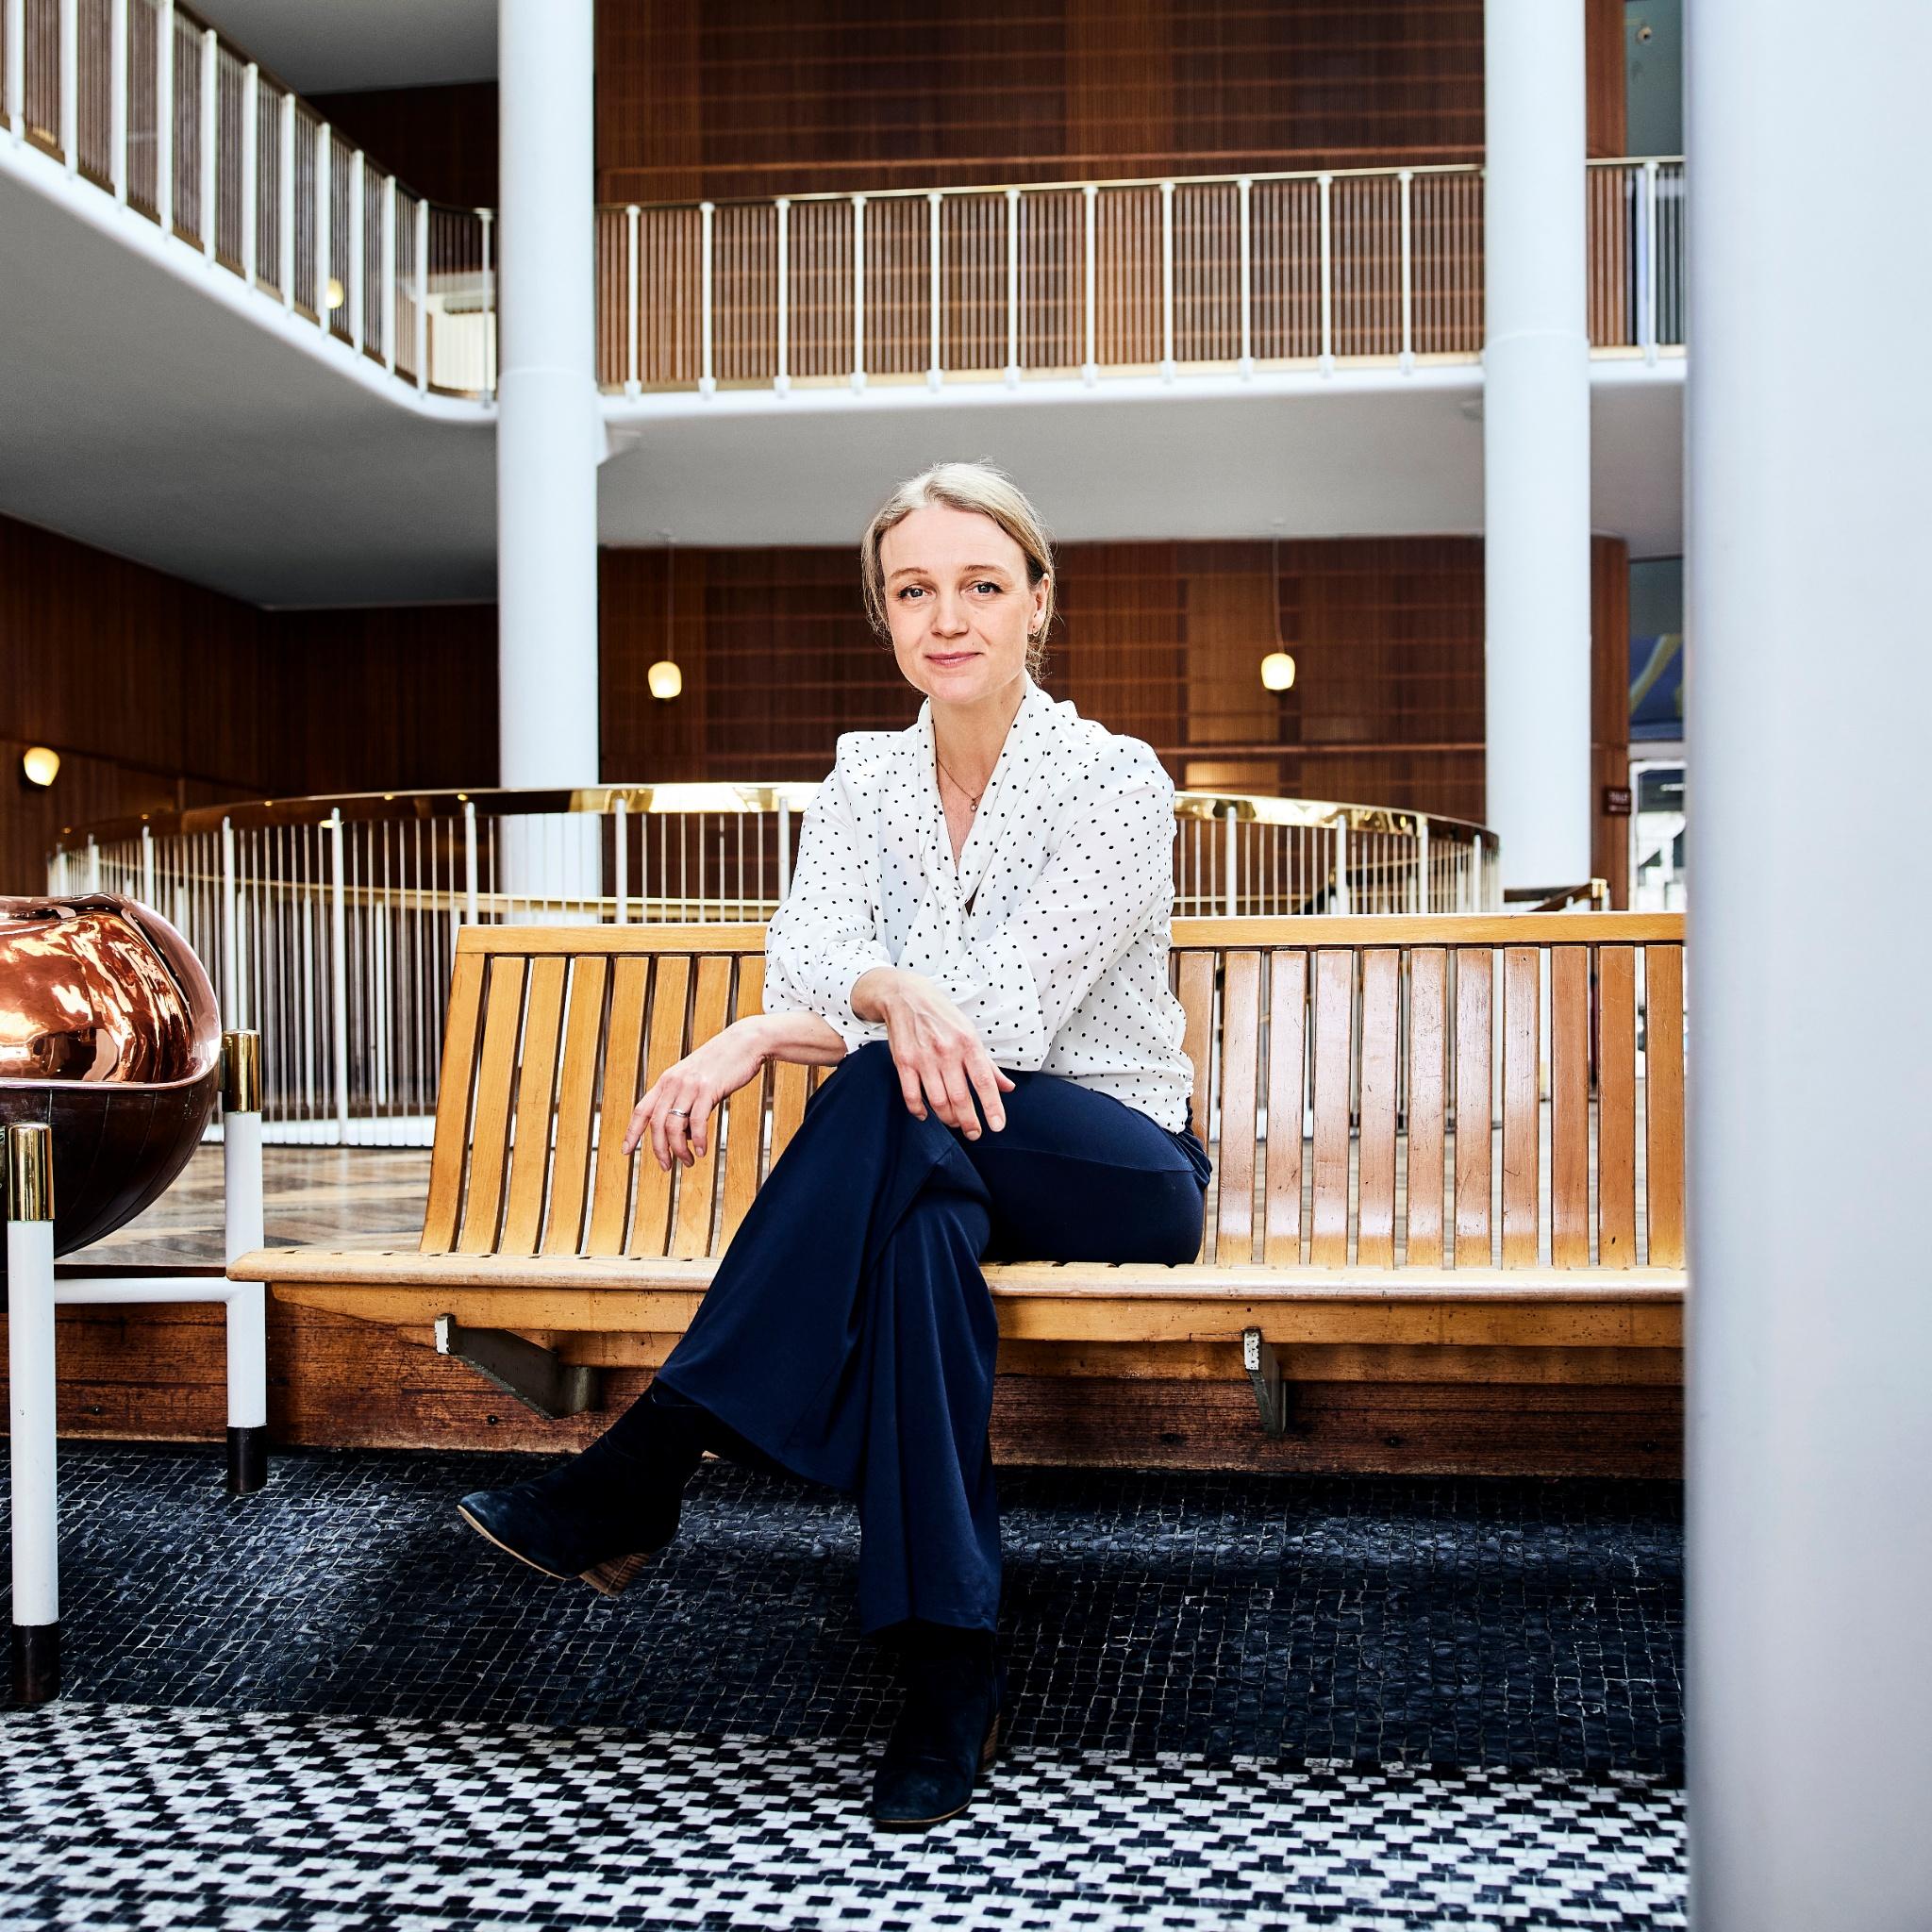 Anne Mette Boye stadsarkitekt Aarhus